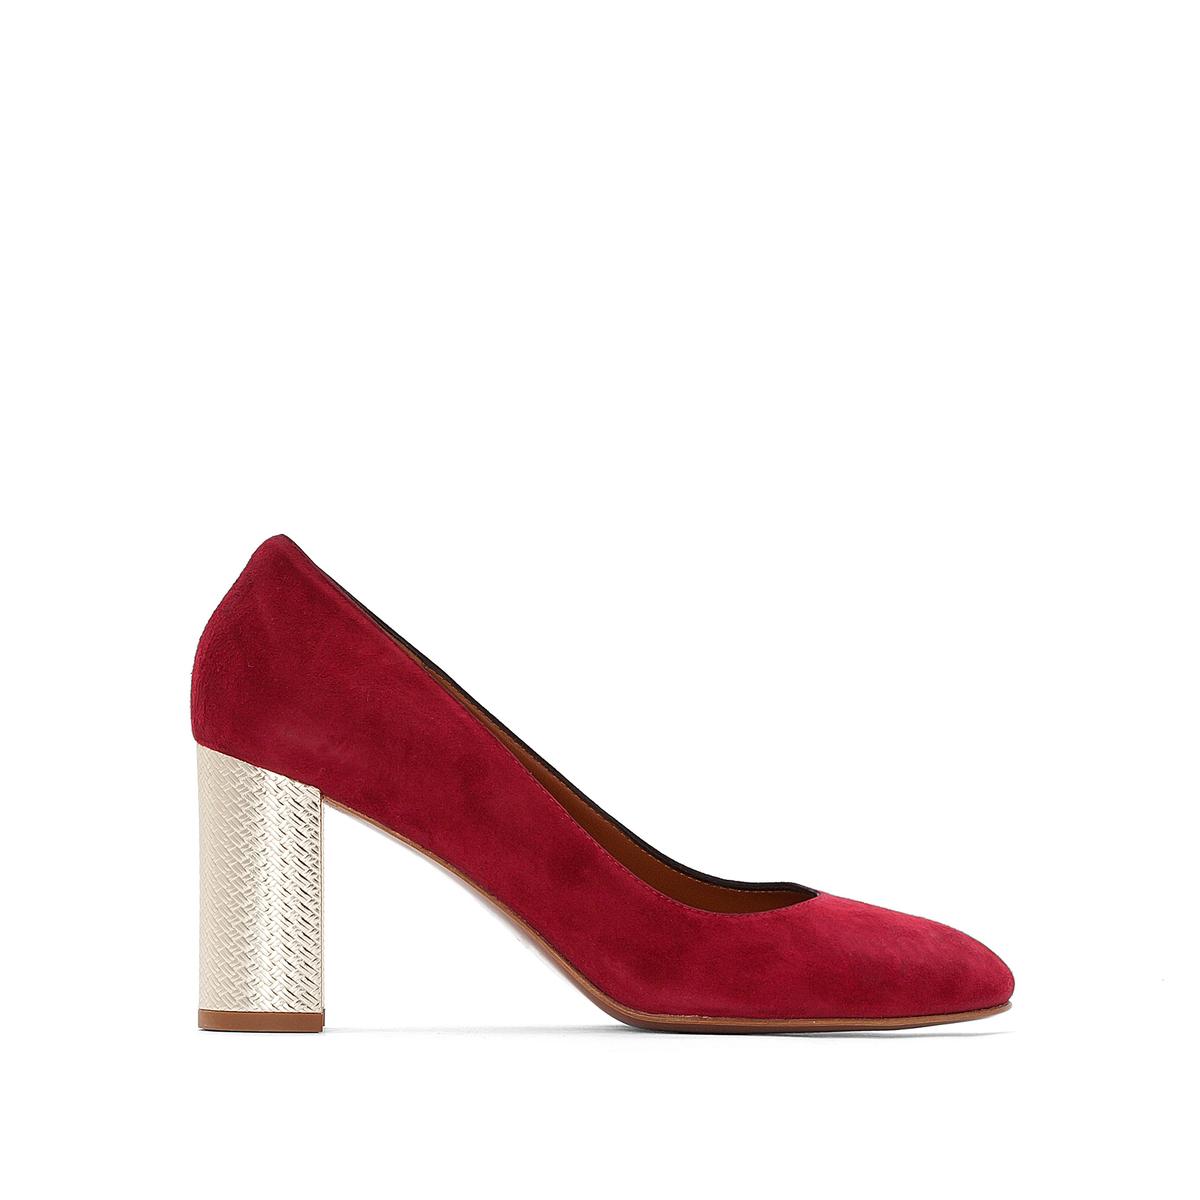 Купить со скидкой Туфли кожаные велюровые Eloana